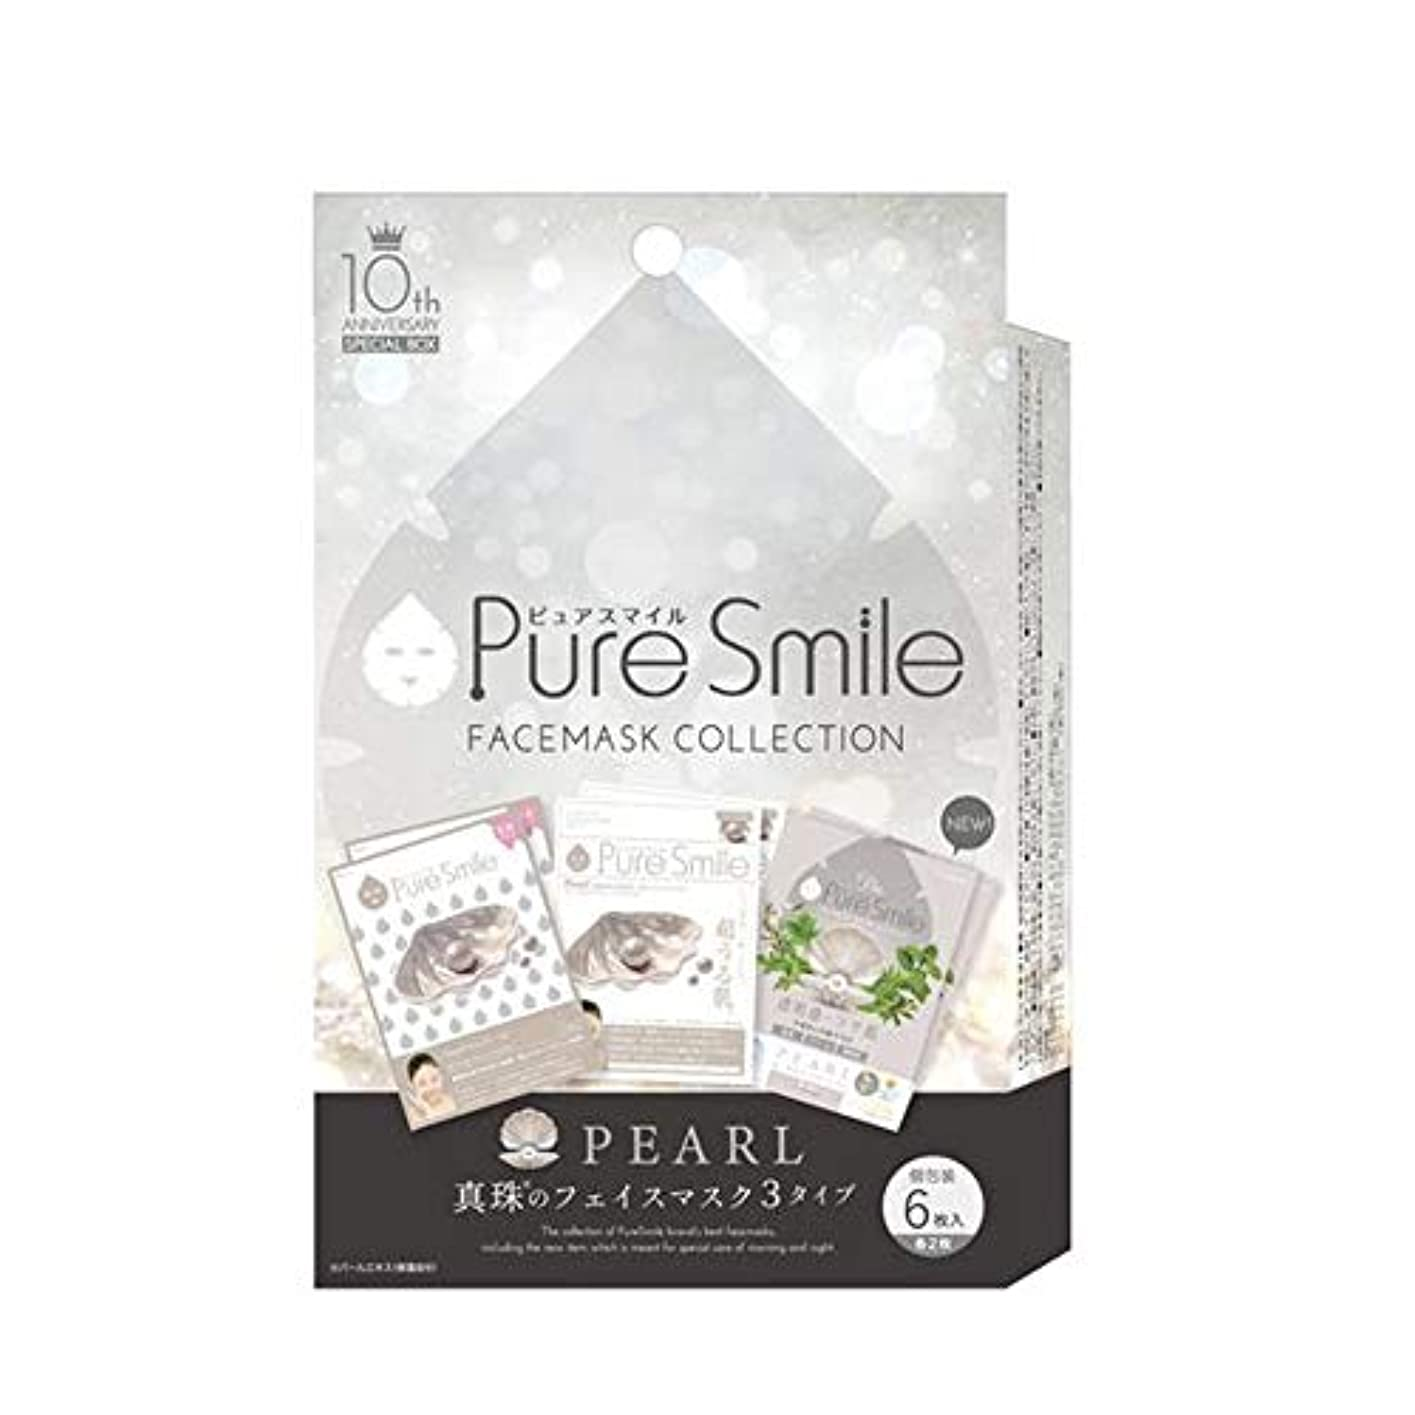 危険な社会端末ピュア スマイル Pure Smile 10thアニバーサリー スペシャルボックス 真珠 6枚入り